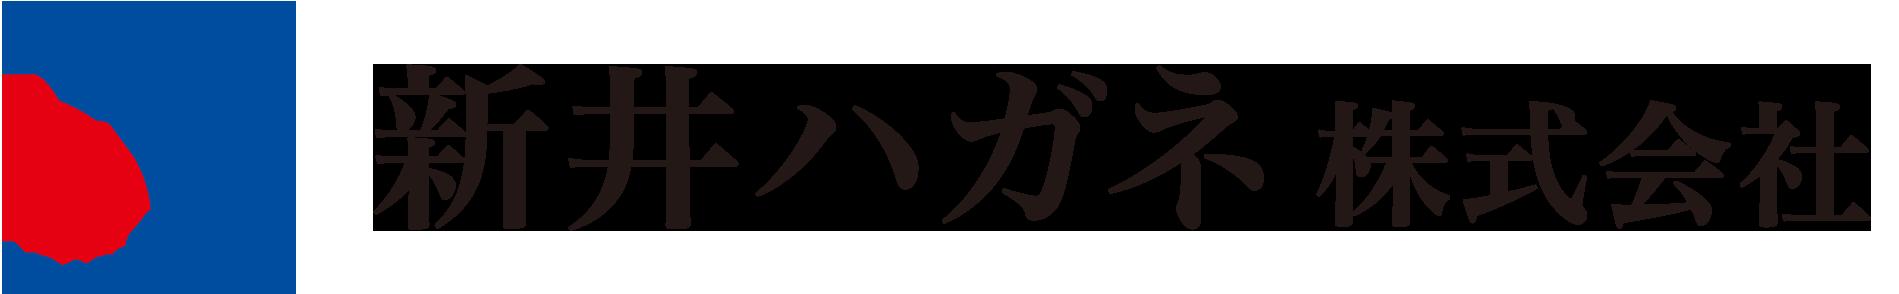 新井ハガネ株式会社